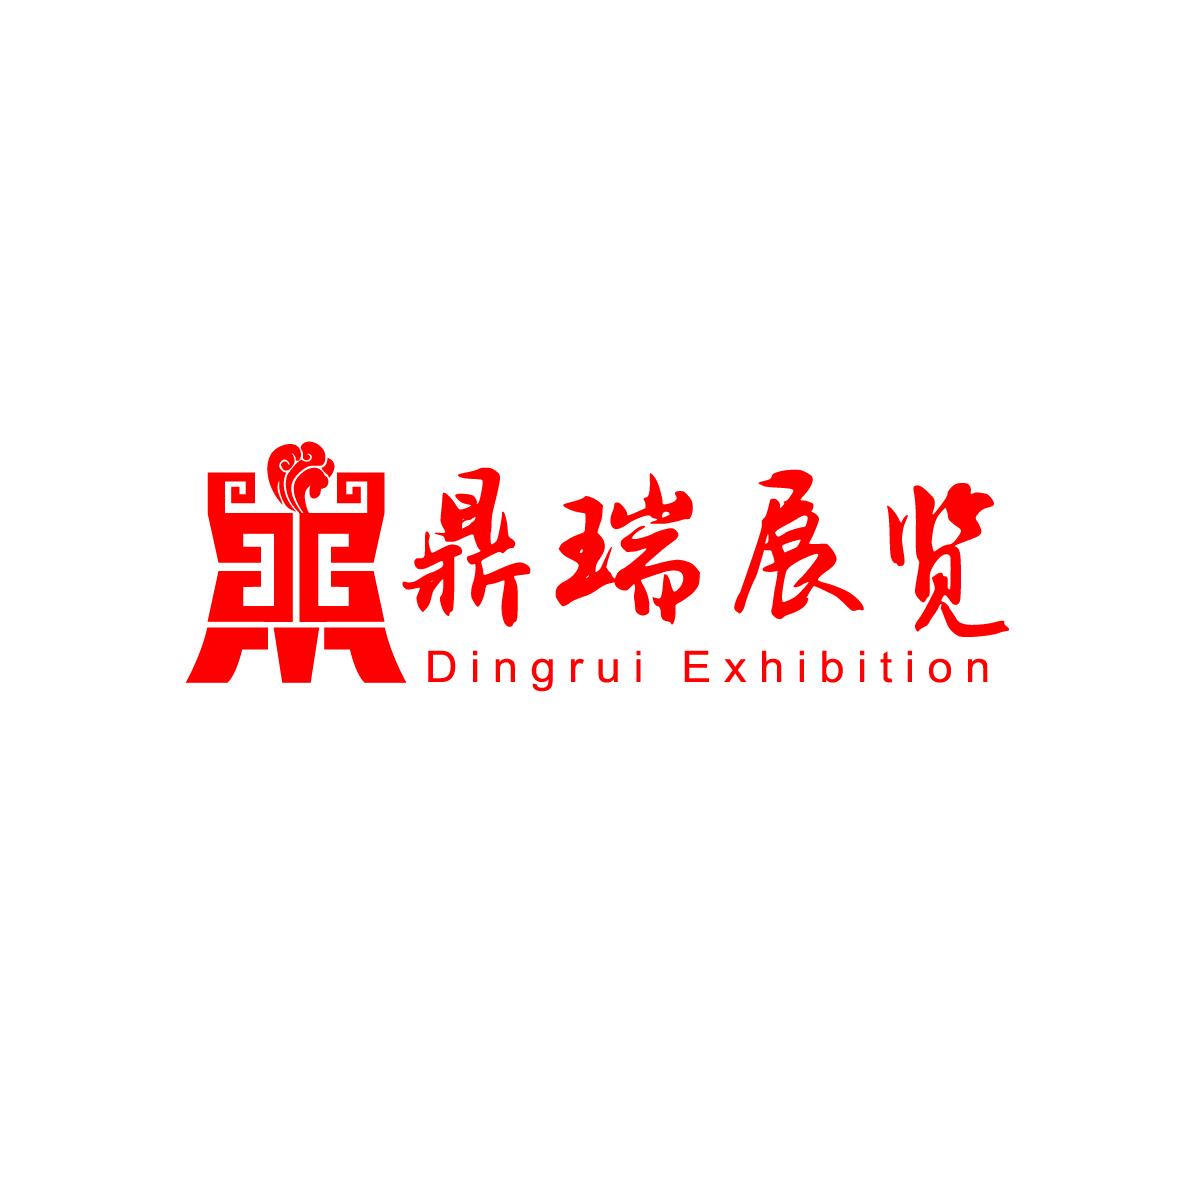 重慶鼎瑞展覽展示有限公司_聯英人才網_hrm.cn